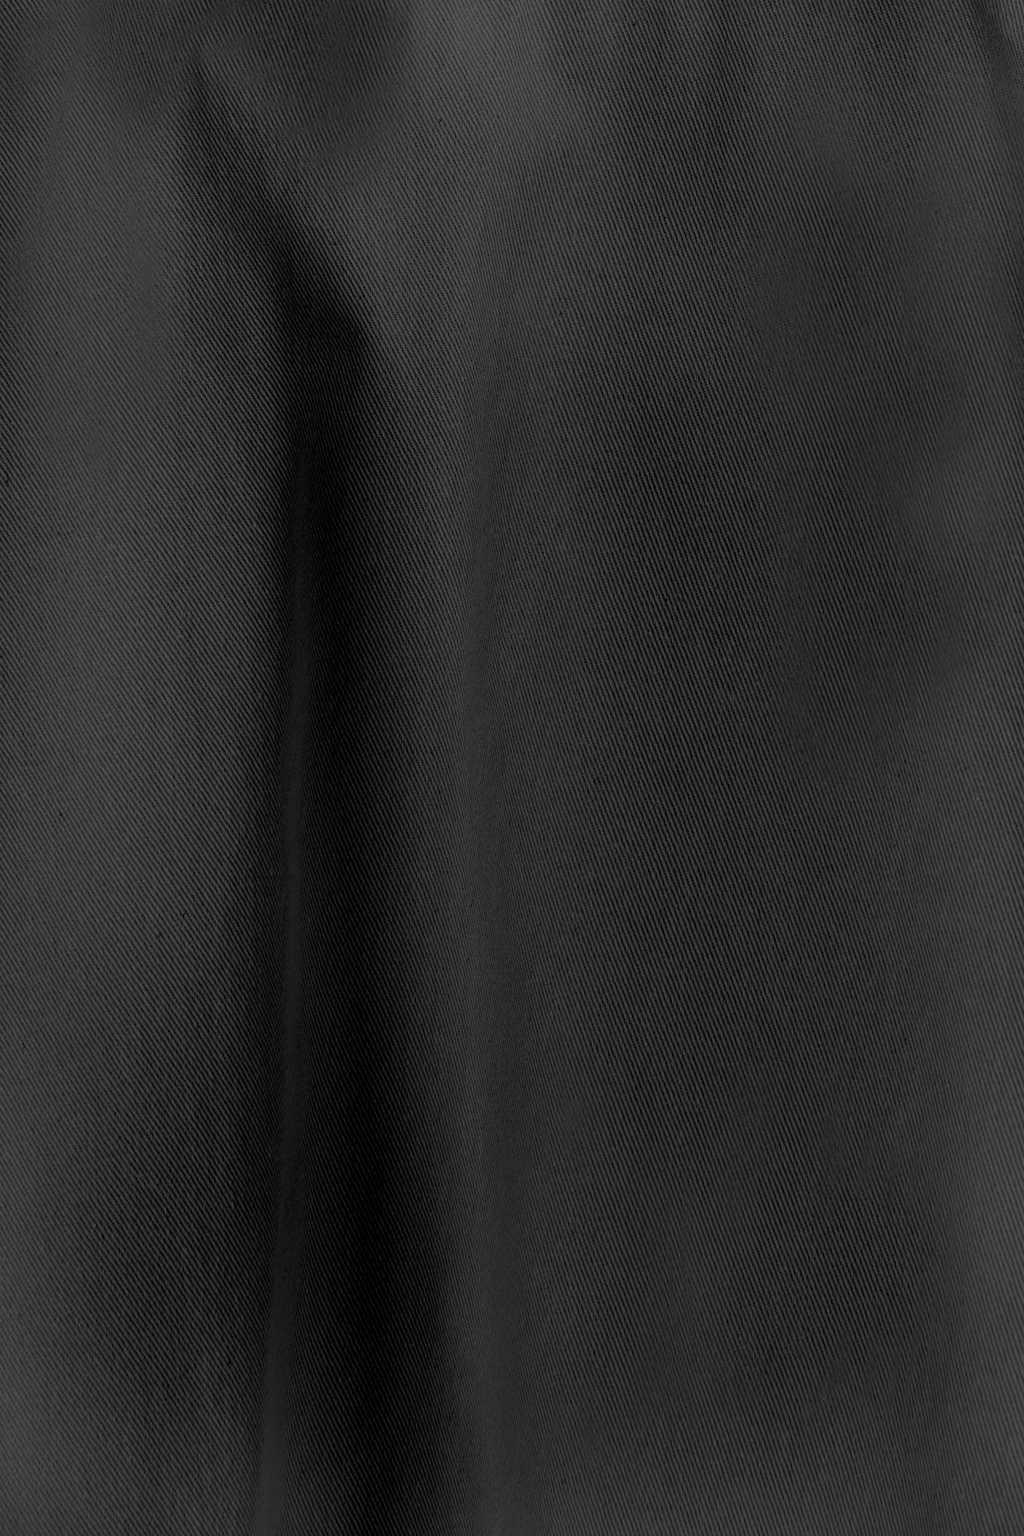 Skirt K021 Black 8